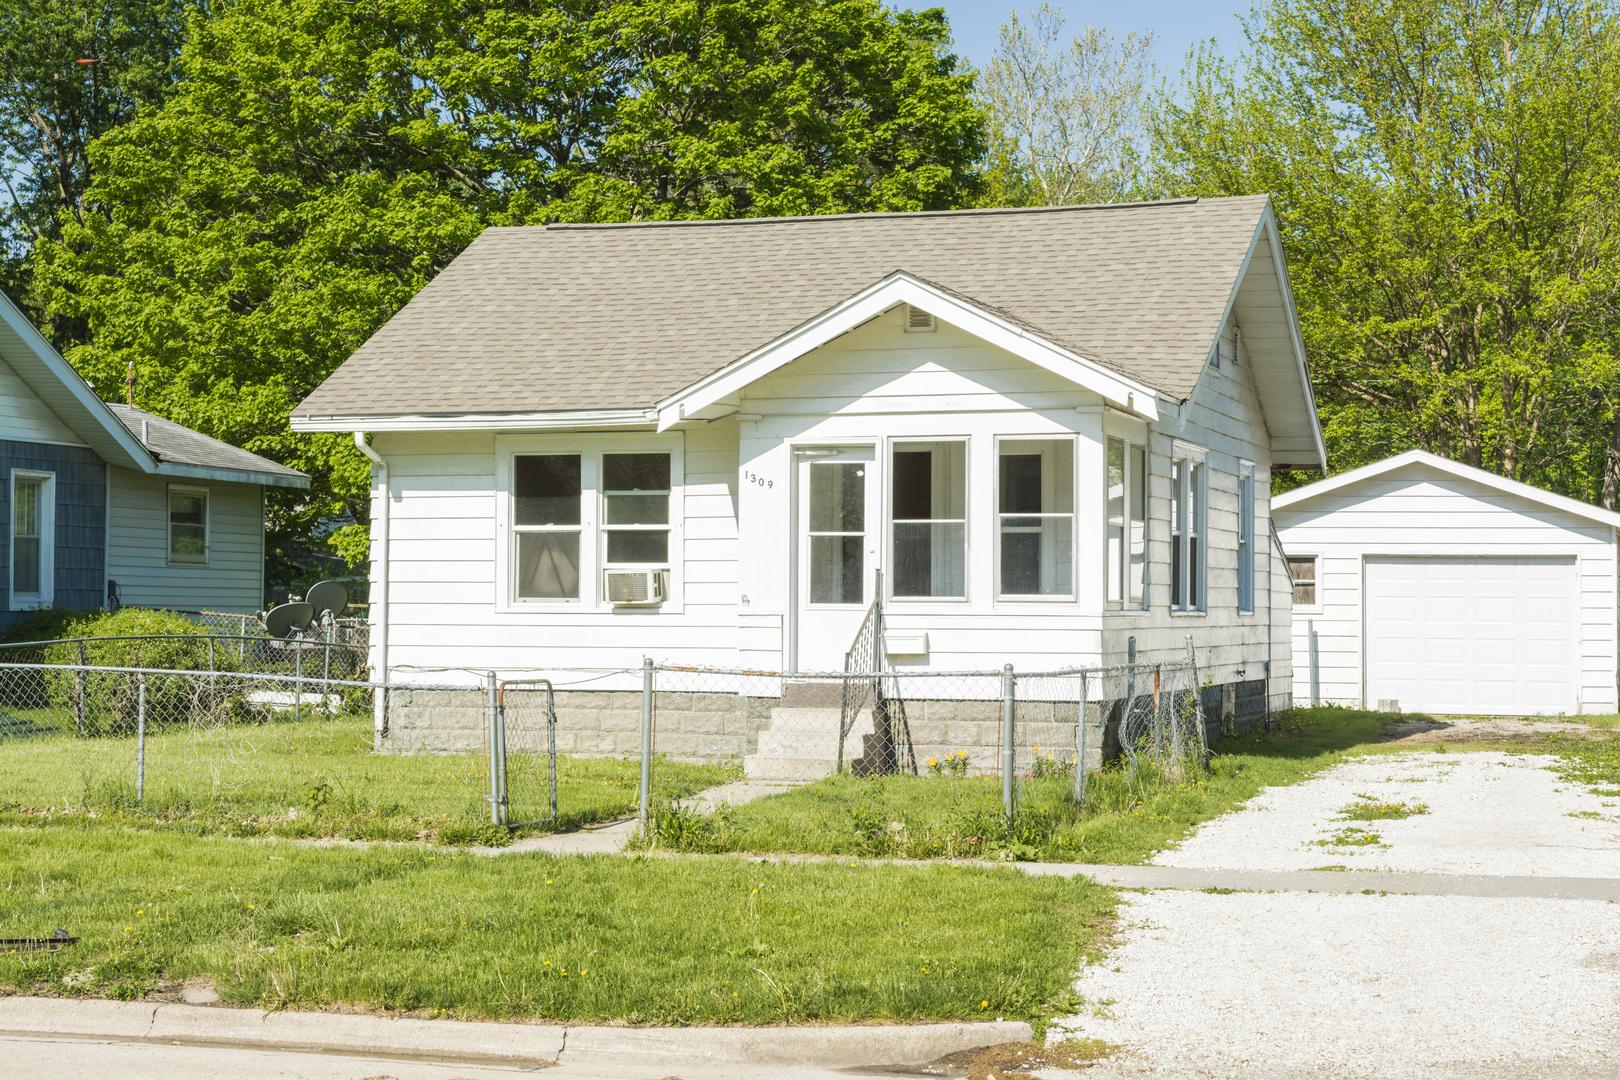 1309 North Champaign Street, Champaign in Champaign County, IL 61820 Home for Sale